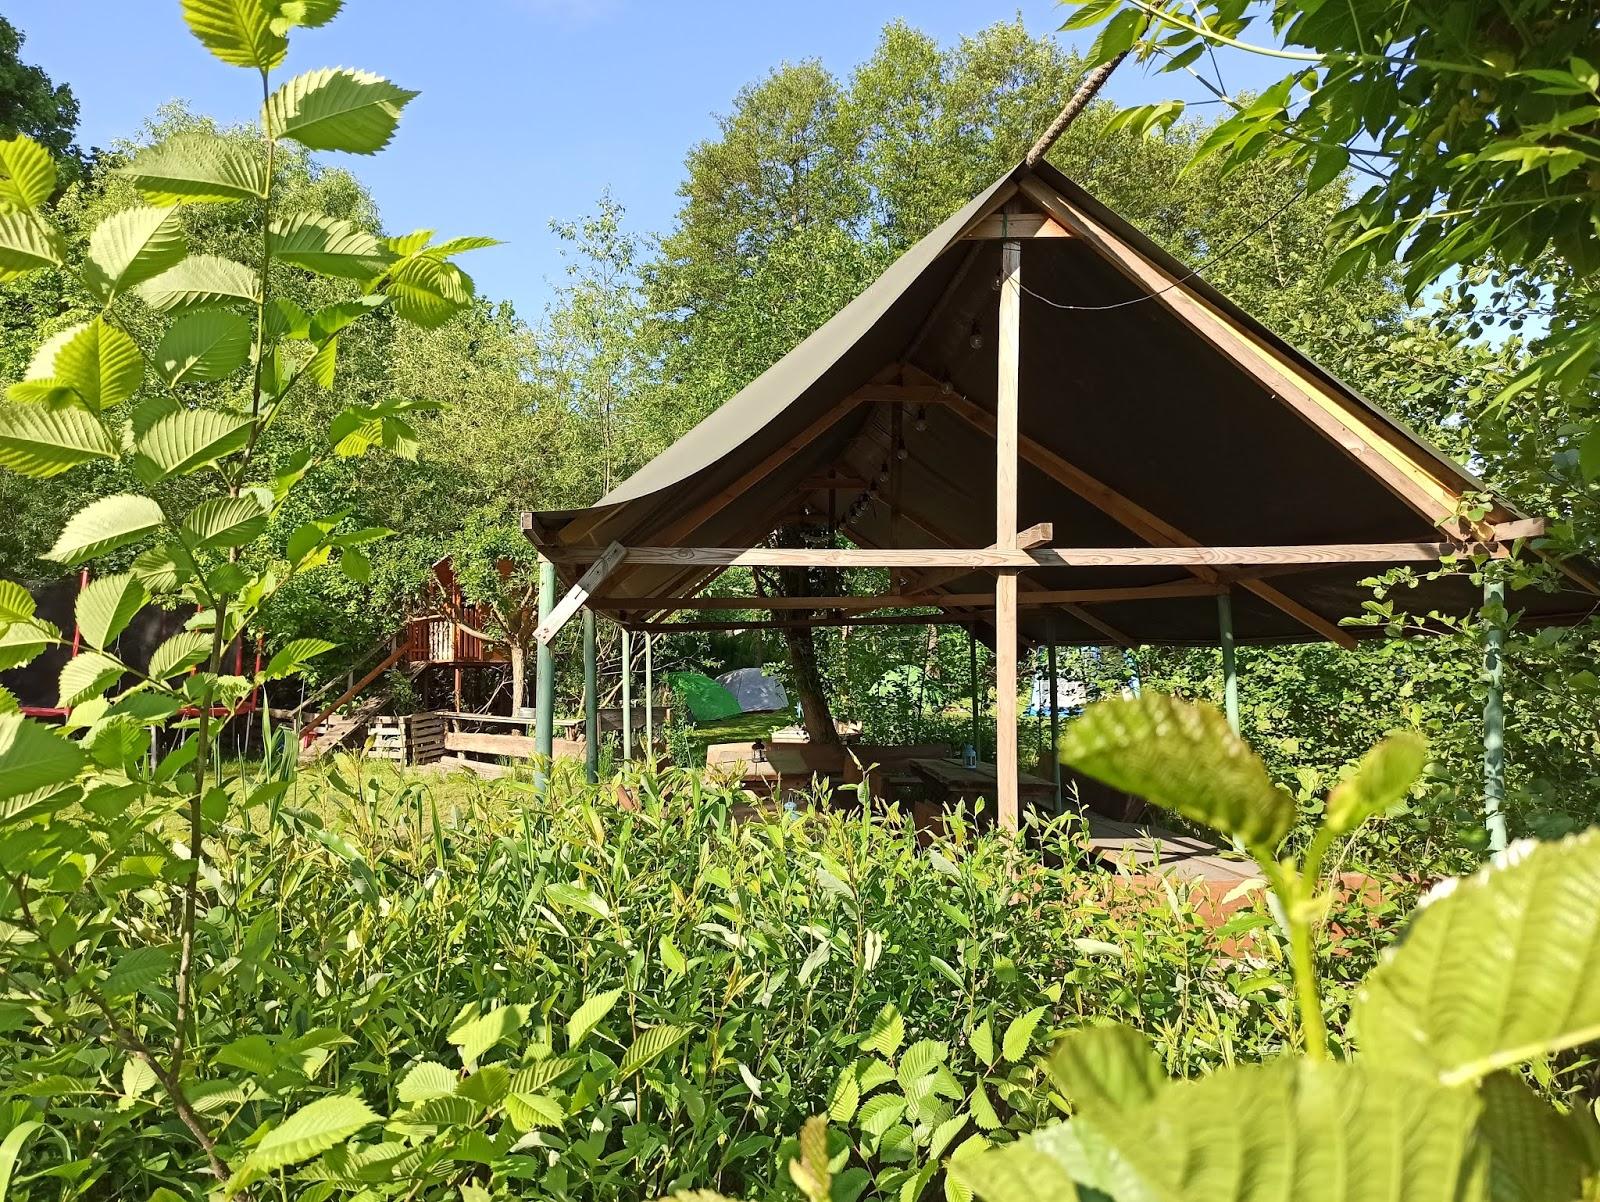 zadaszenie a w tle namioty, których mieszkańcy jeszcze śpią. pole namiotowe.